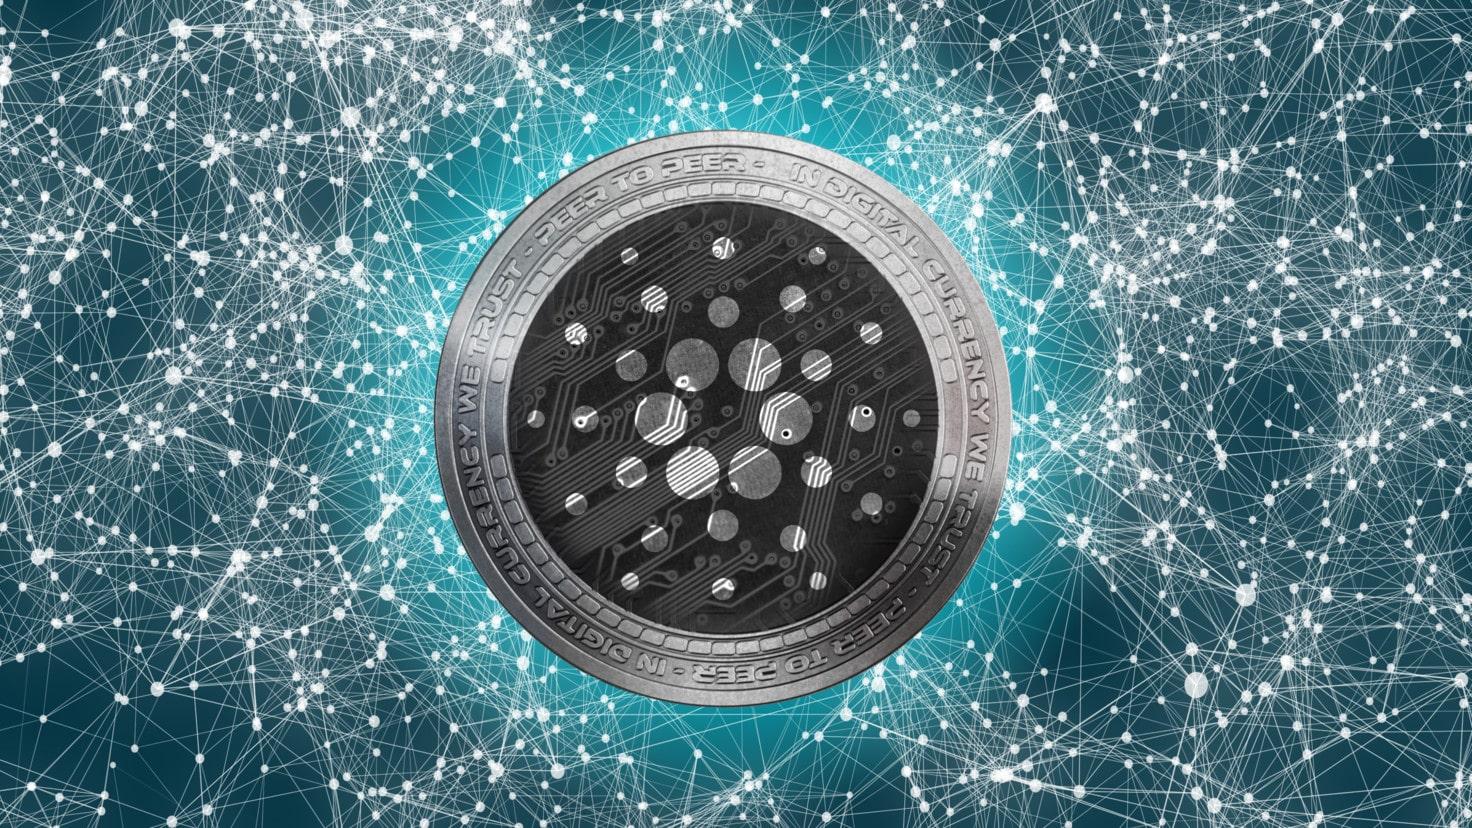 mestres do bitcoin 3.0 download